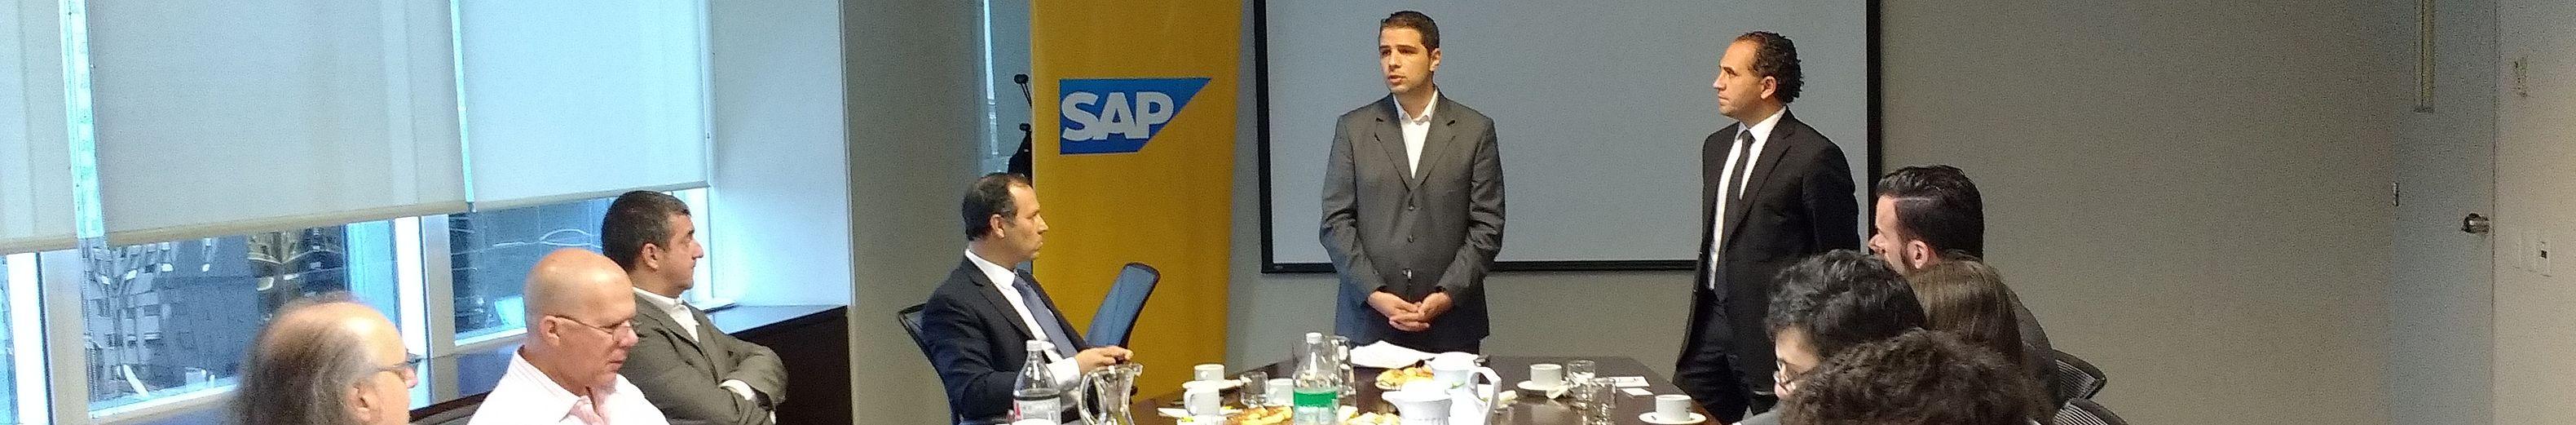 """Un año de SAP Business One: """"A toda pyme le va a llegar su Über"""""""